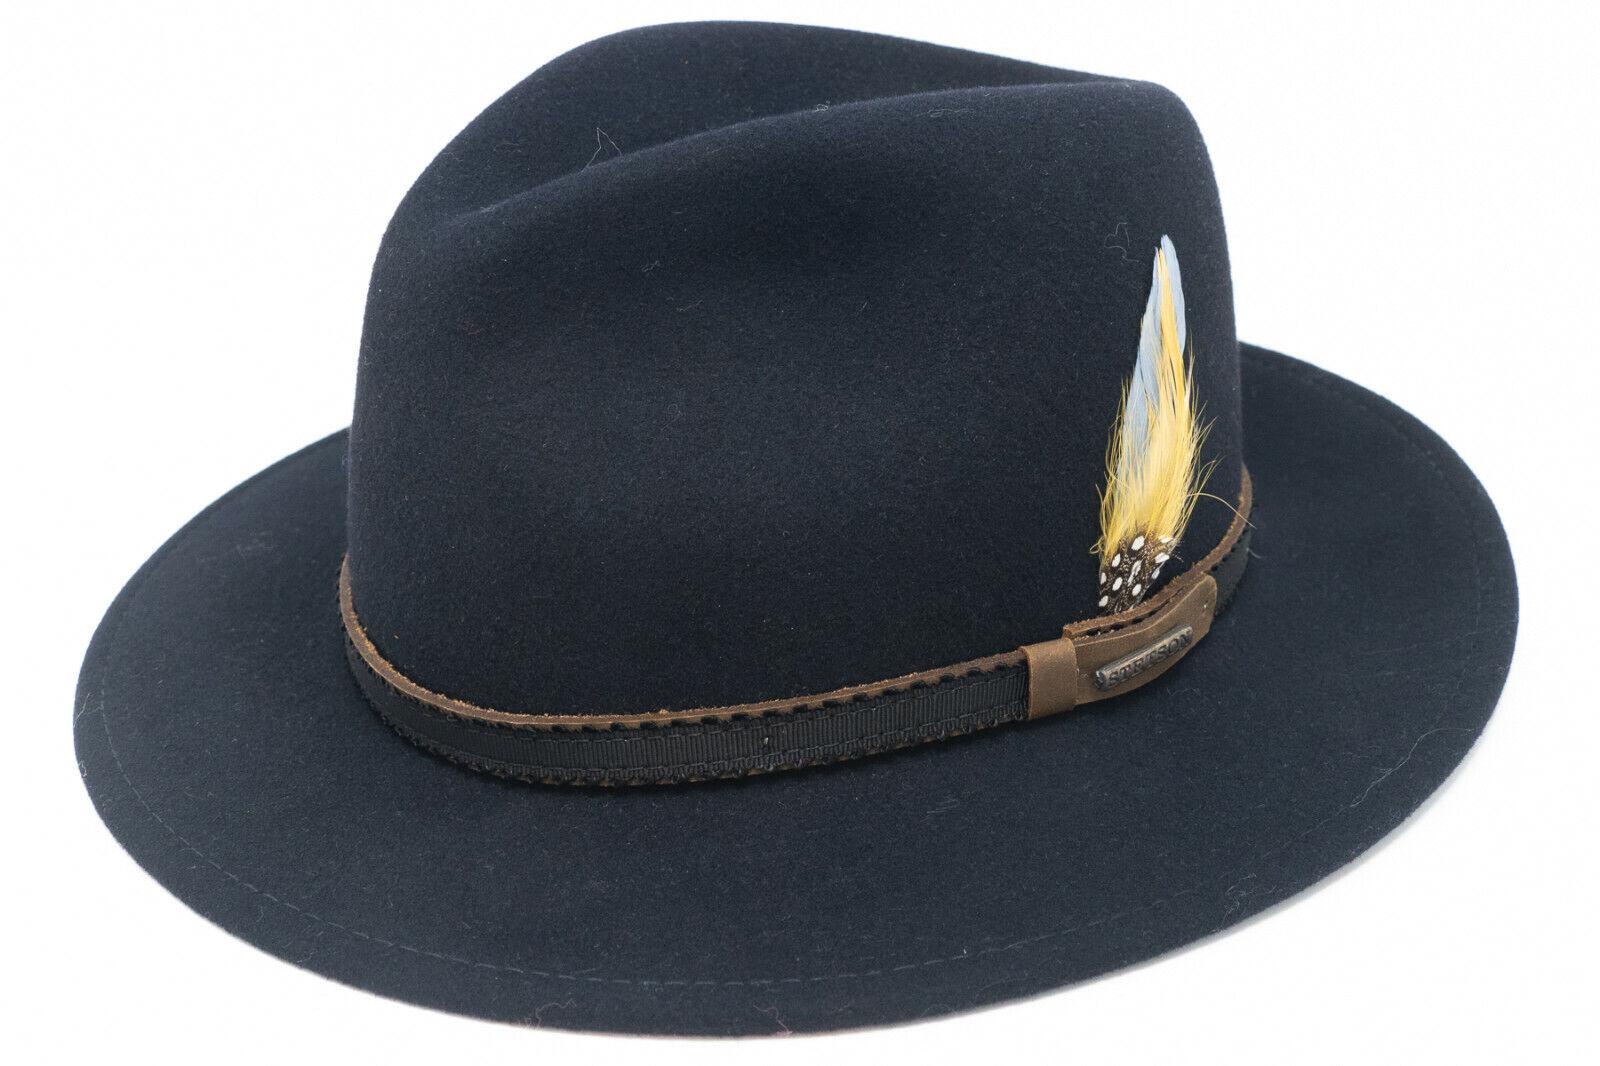 STETSON Herren VITA FELT Traveller Hut aus Wolle in blau 2528010 2